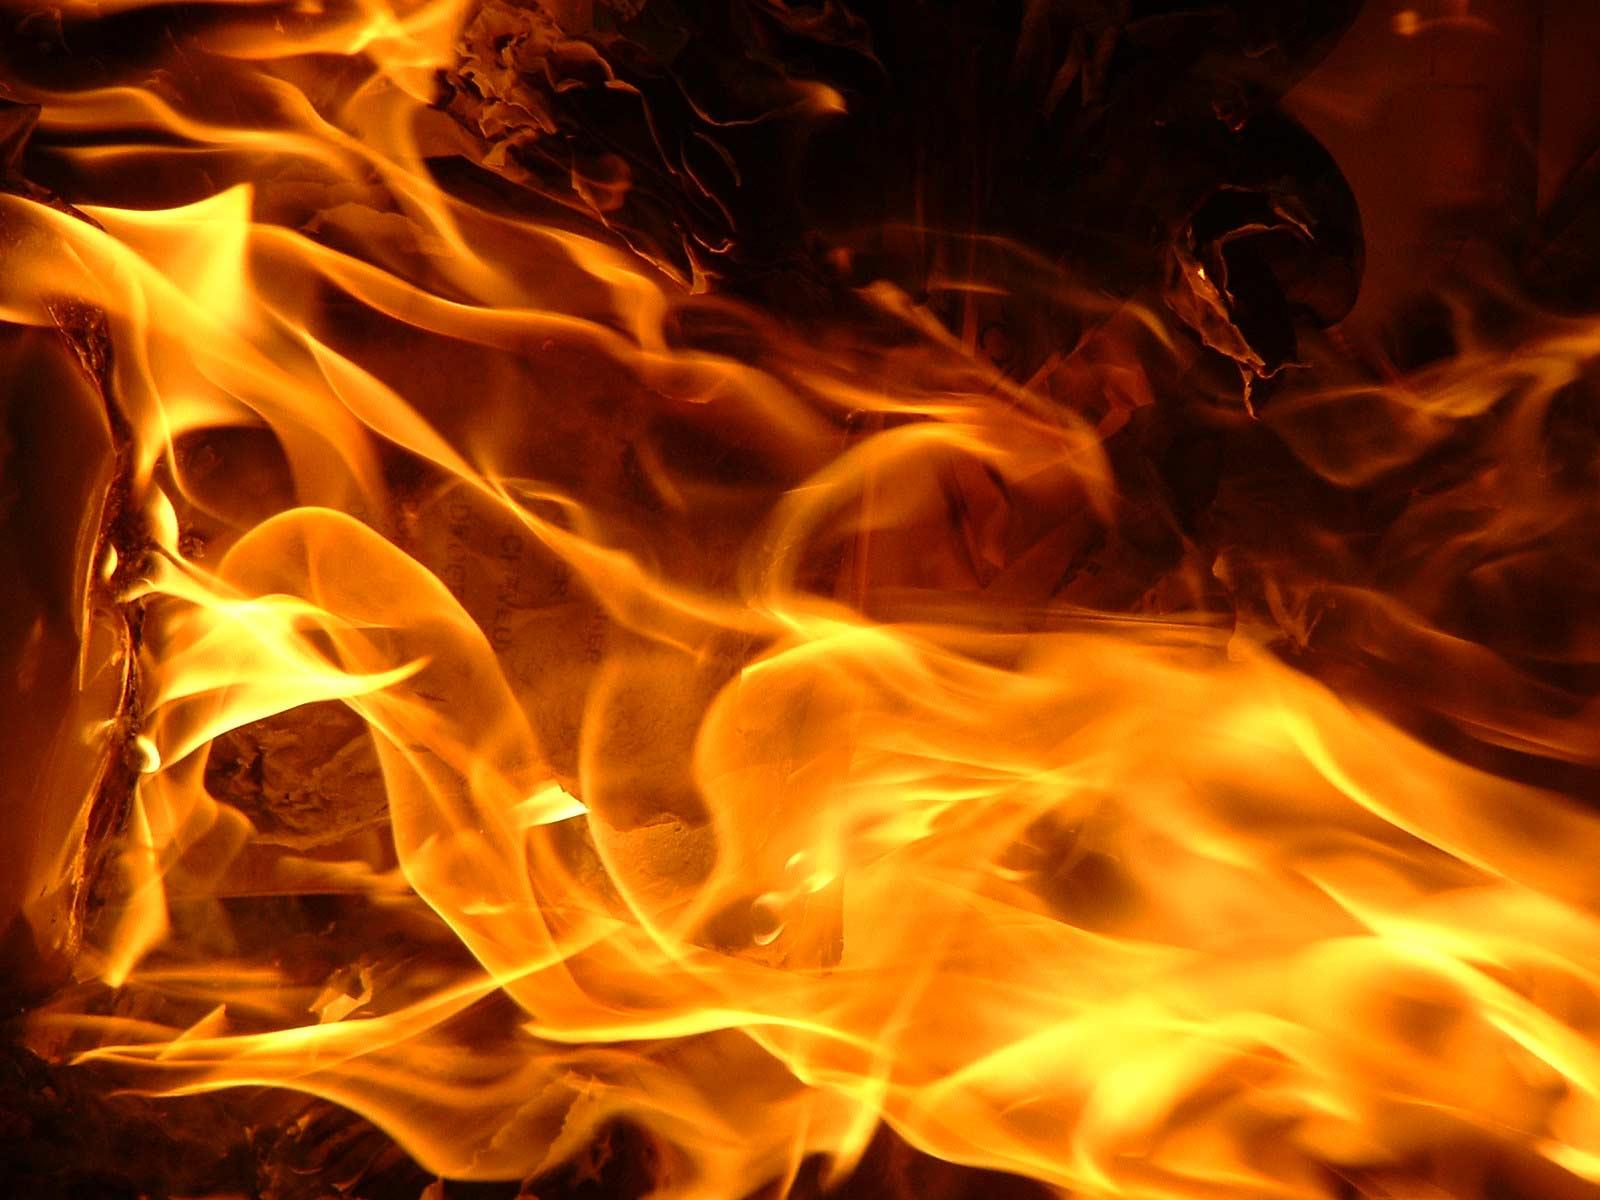 Fotos gratis - fuego